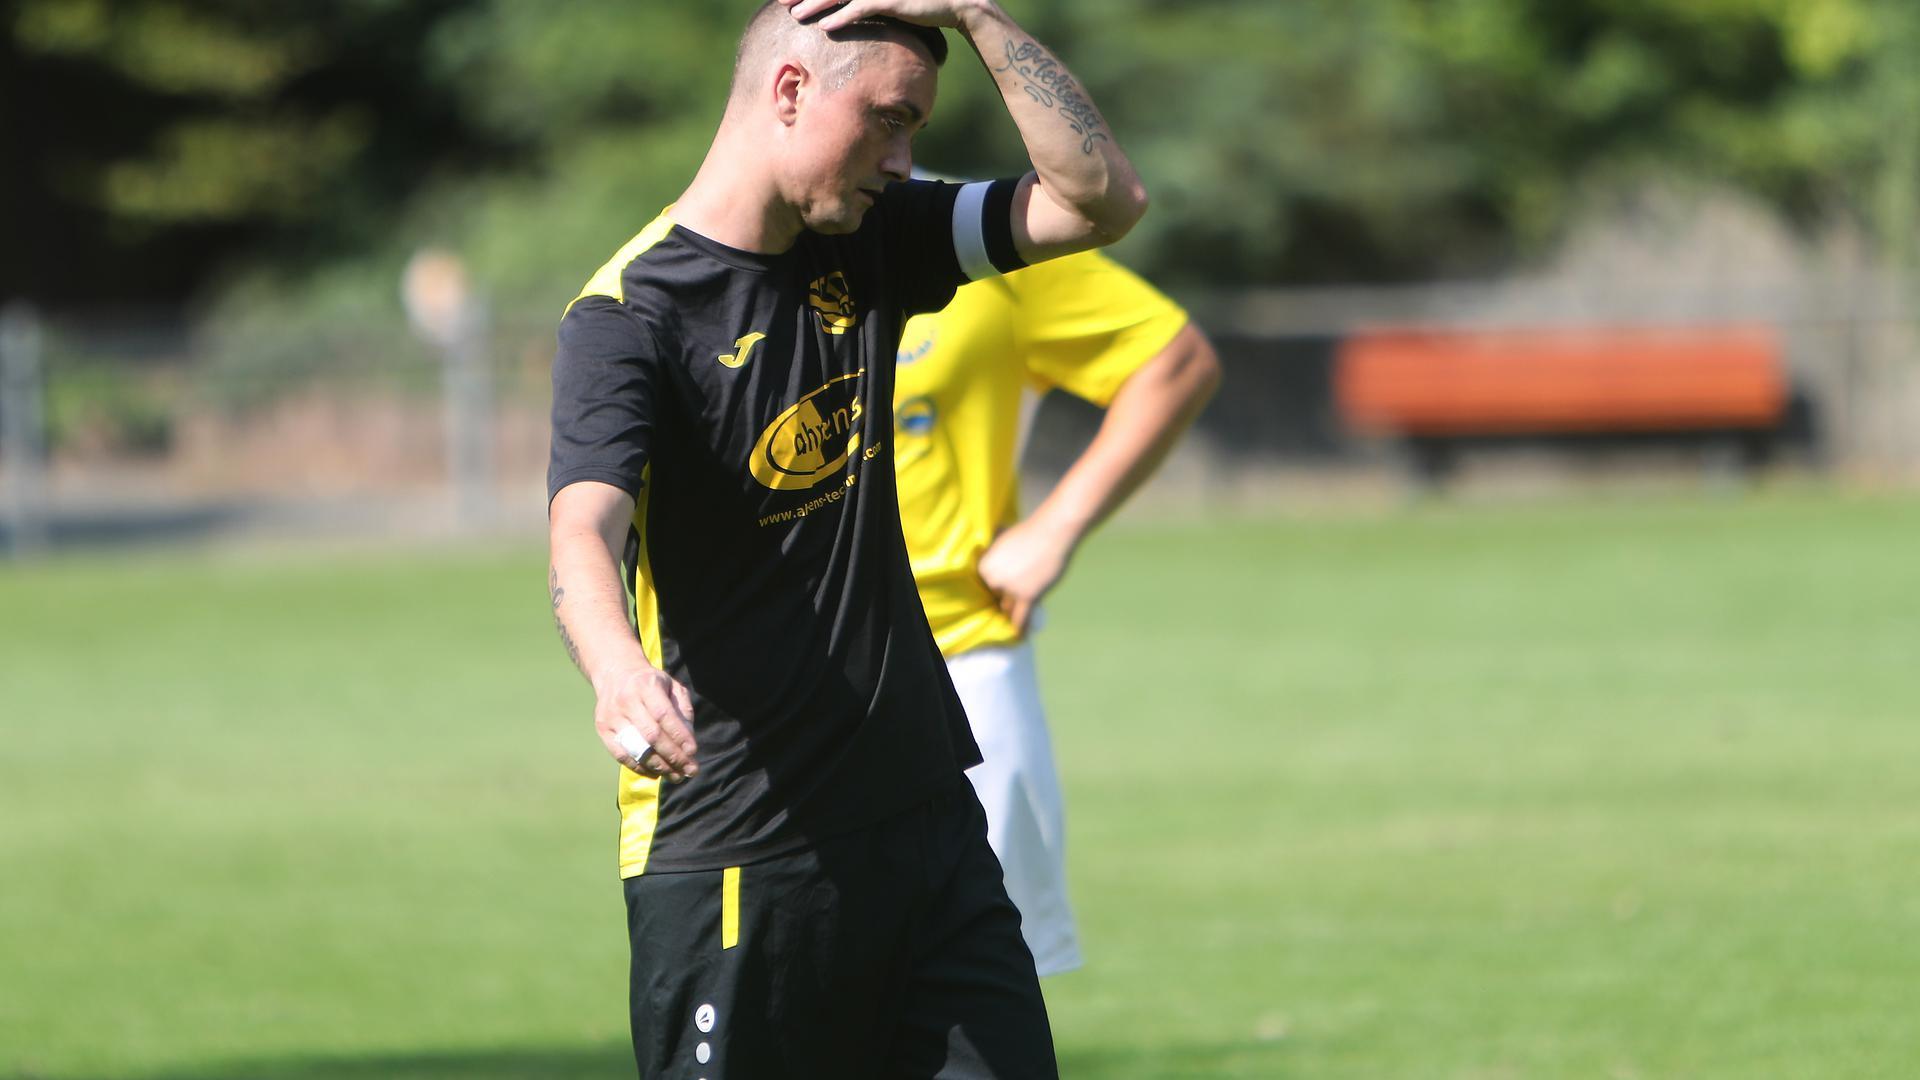 Lutz Nicolas Kapitän SC Pforzheim